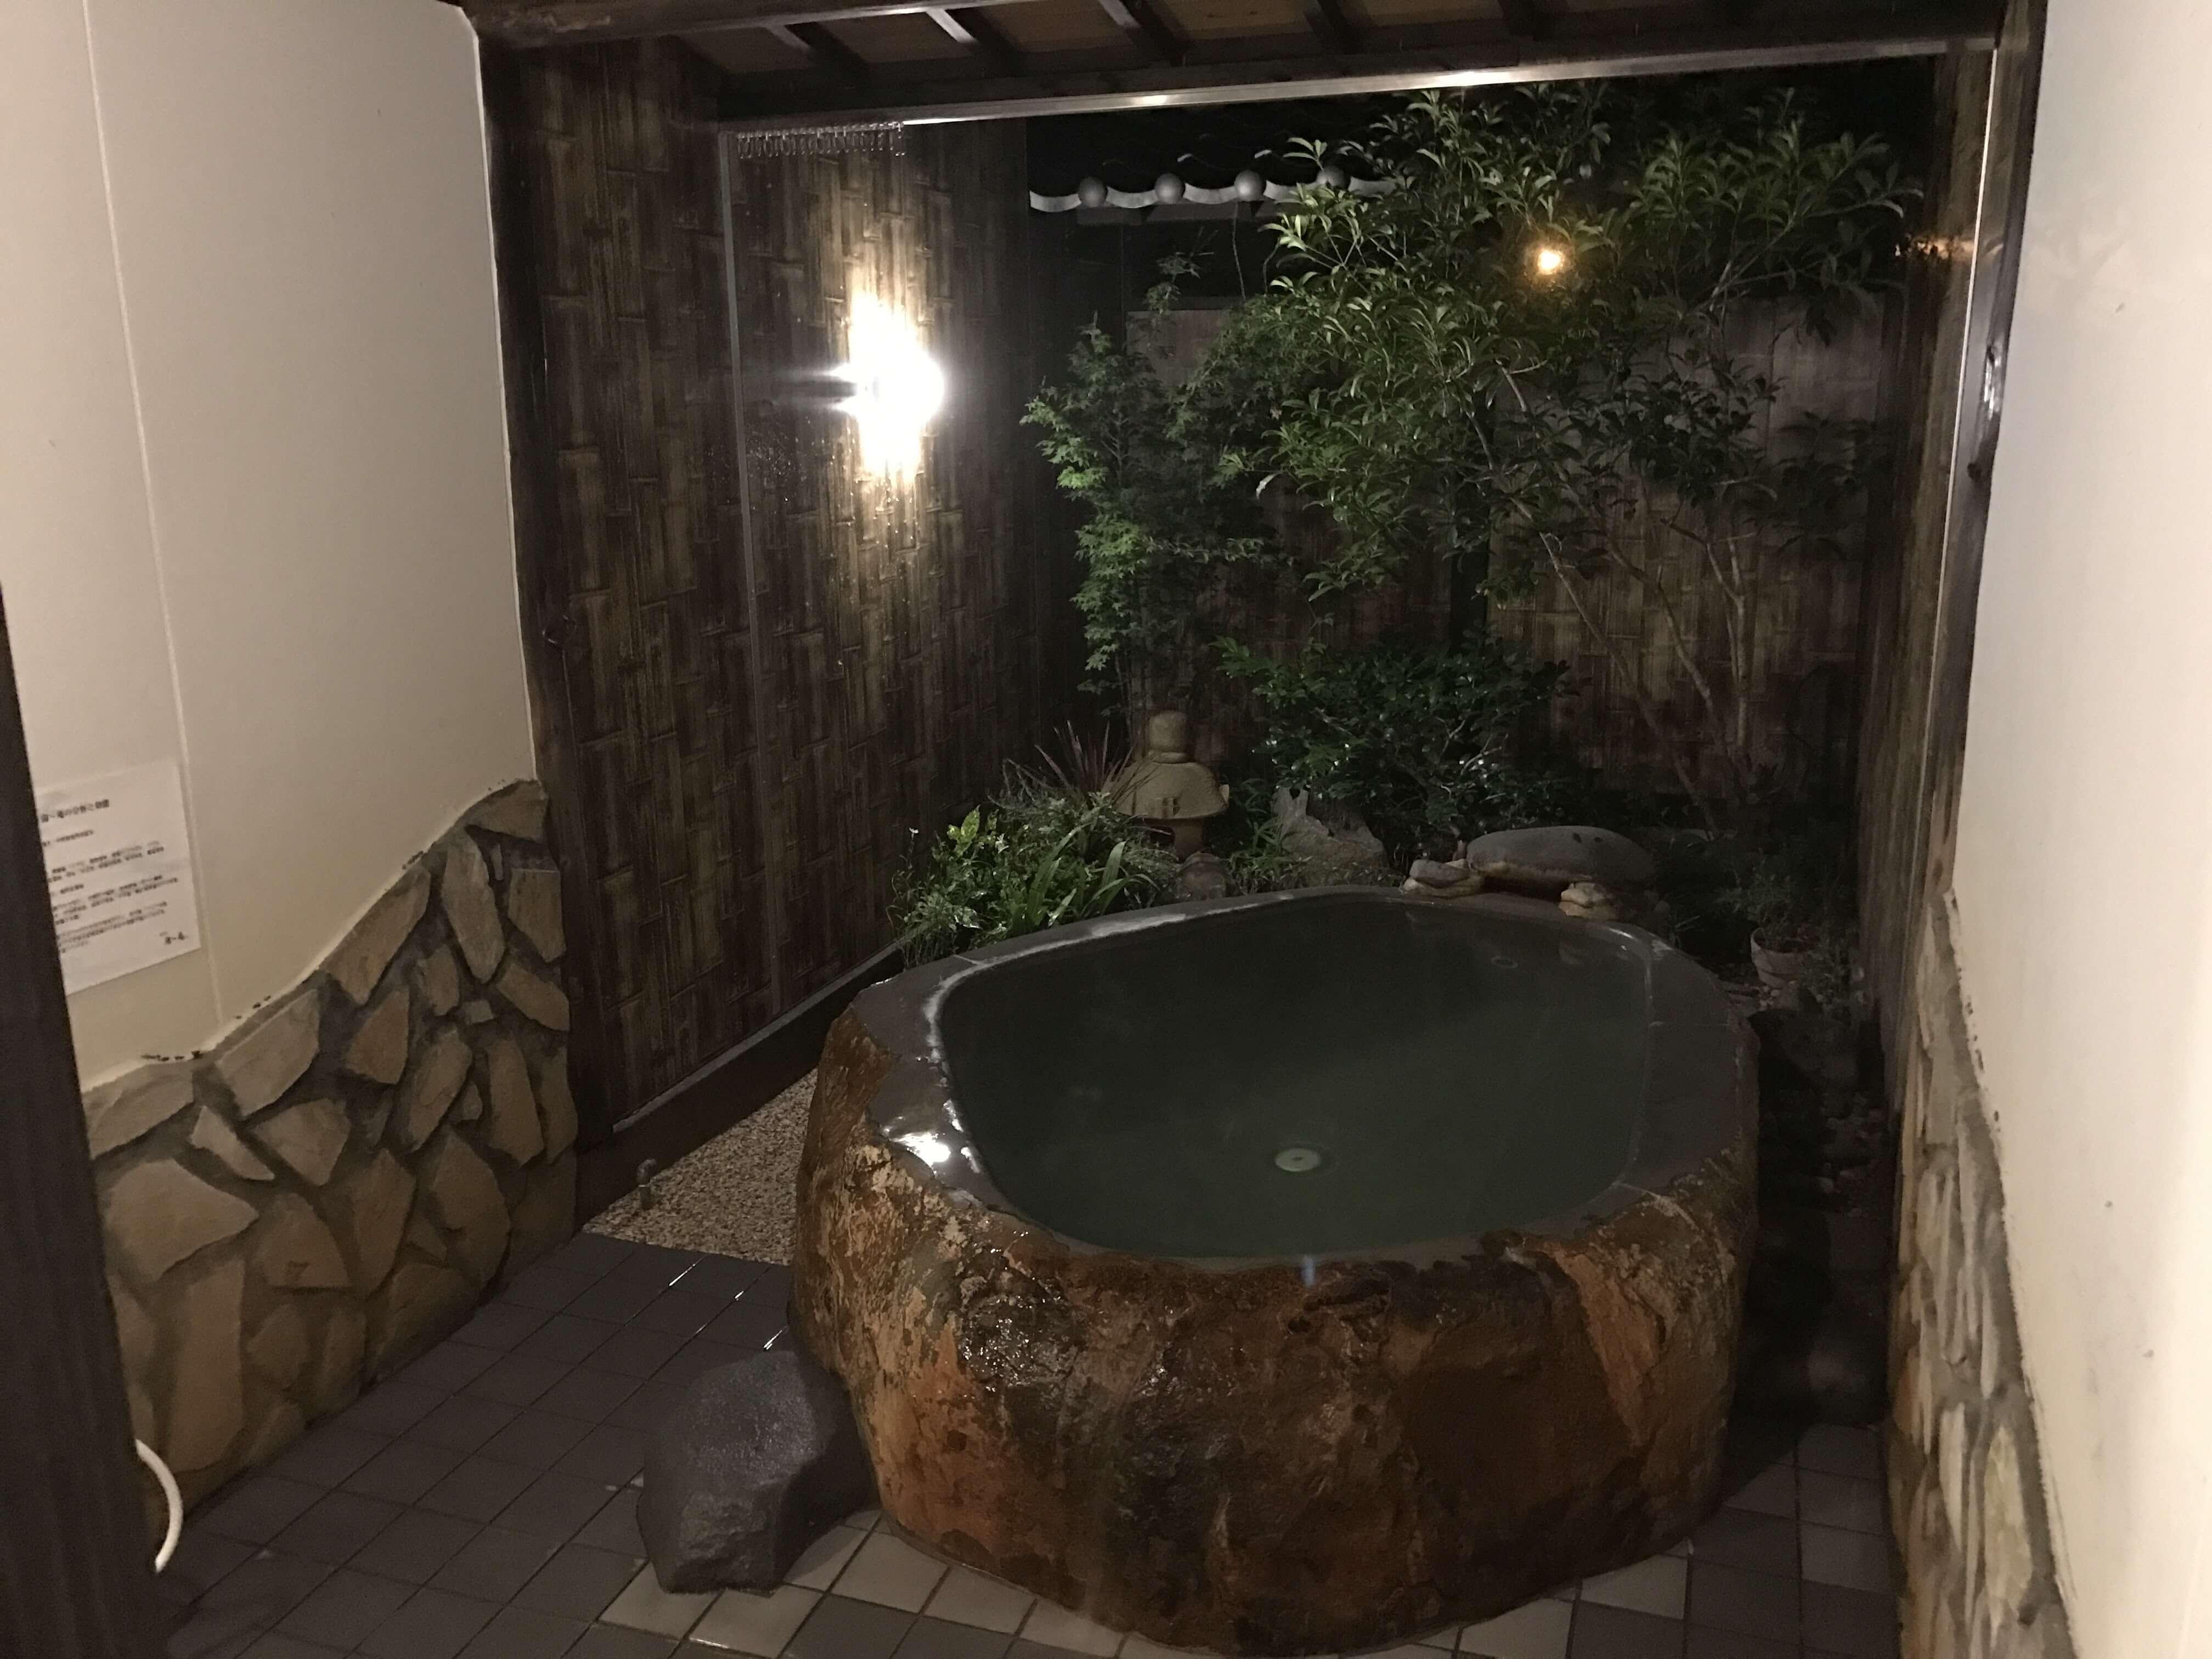 【湯〜庵(ゆーあん)】田んぼの植木の家族湯。お手頃価格でお風呂の種類も豊富。